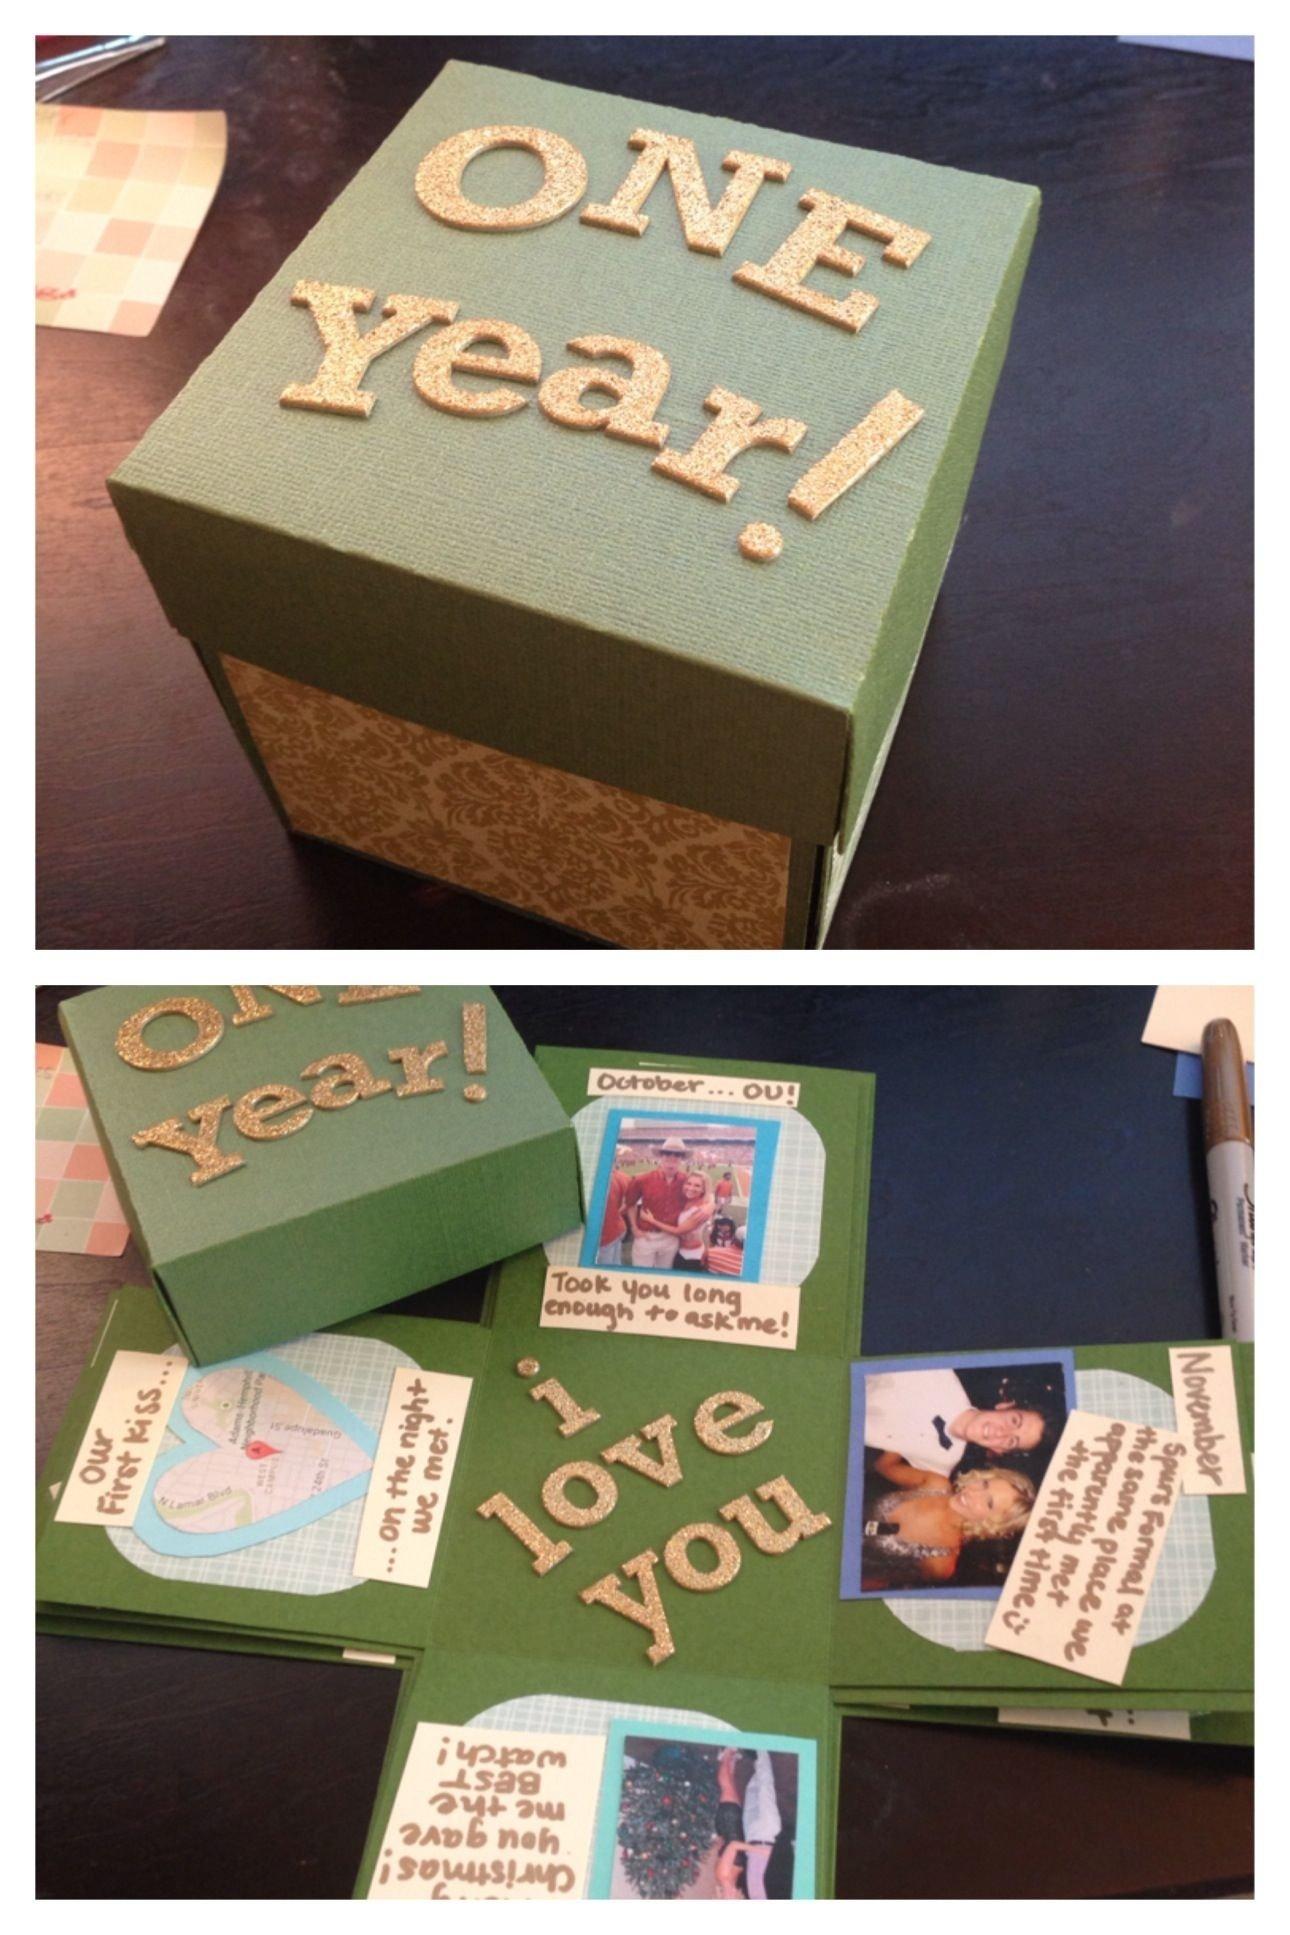 10 Wonderful 1 Year Anniversary Gift Ideas Boyfriend 19 regalos de aniversario cursis que te convertiran en la mejor 11 2021